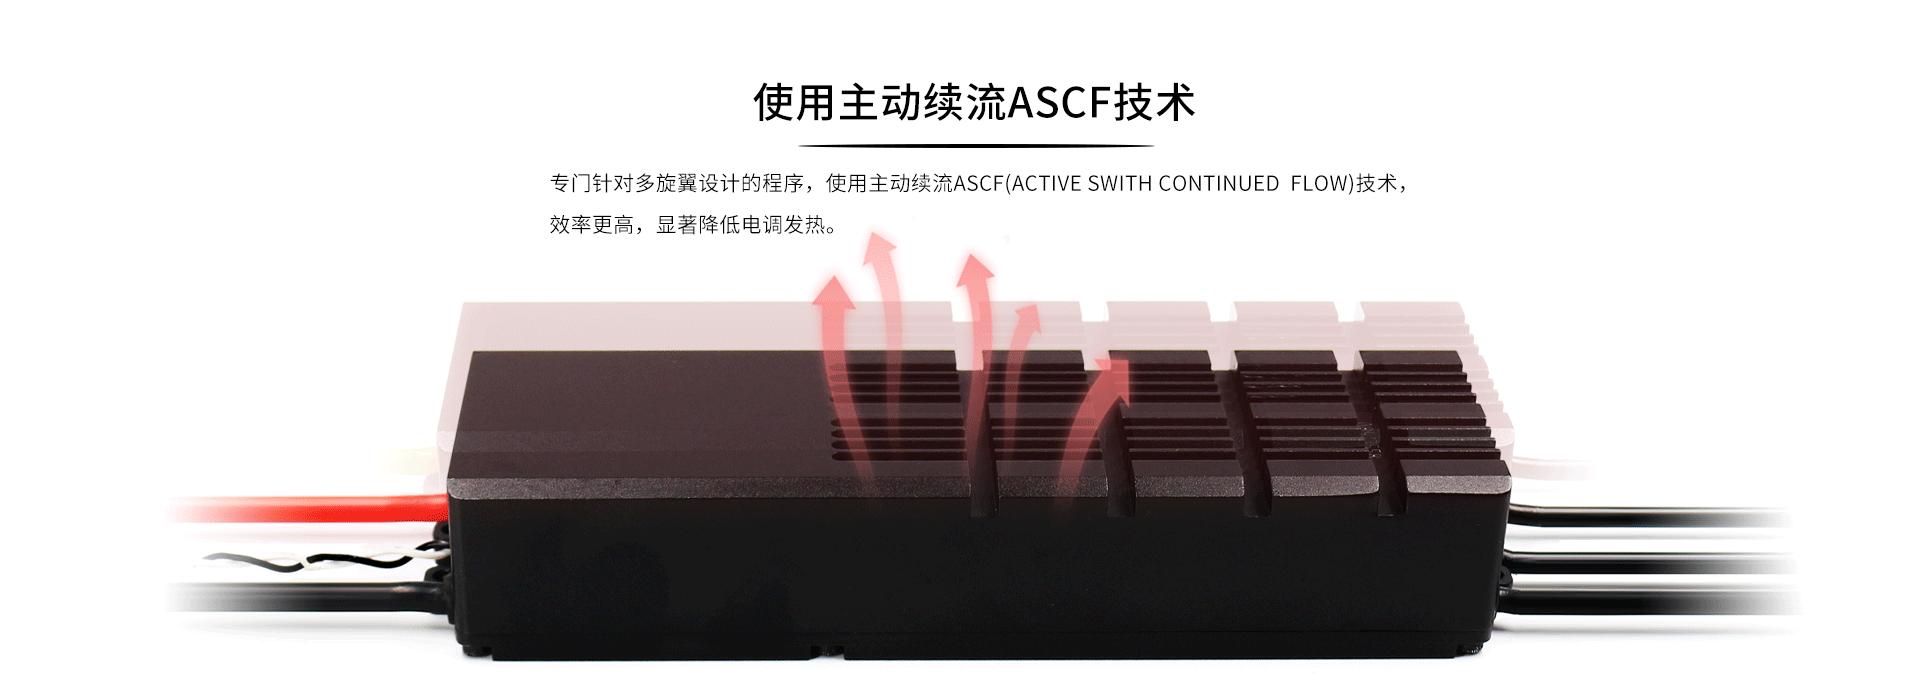 植保机电调120A_04.png